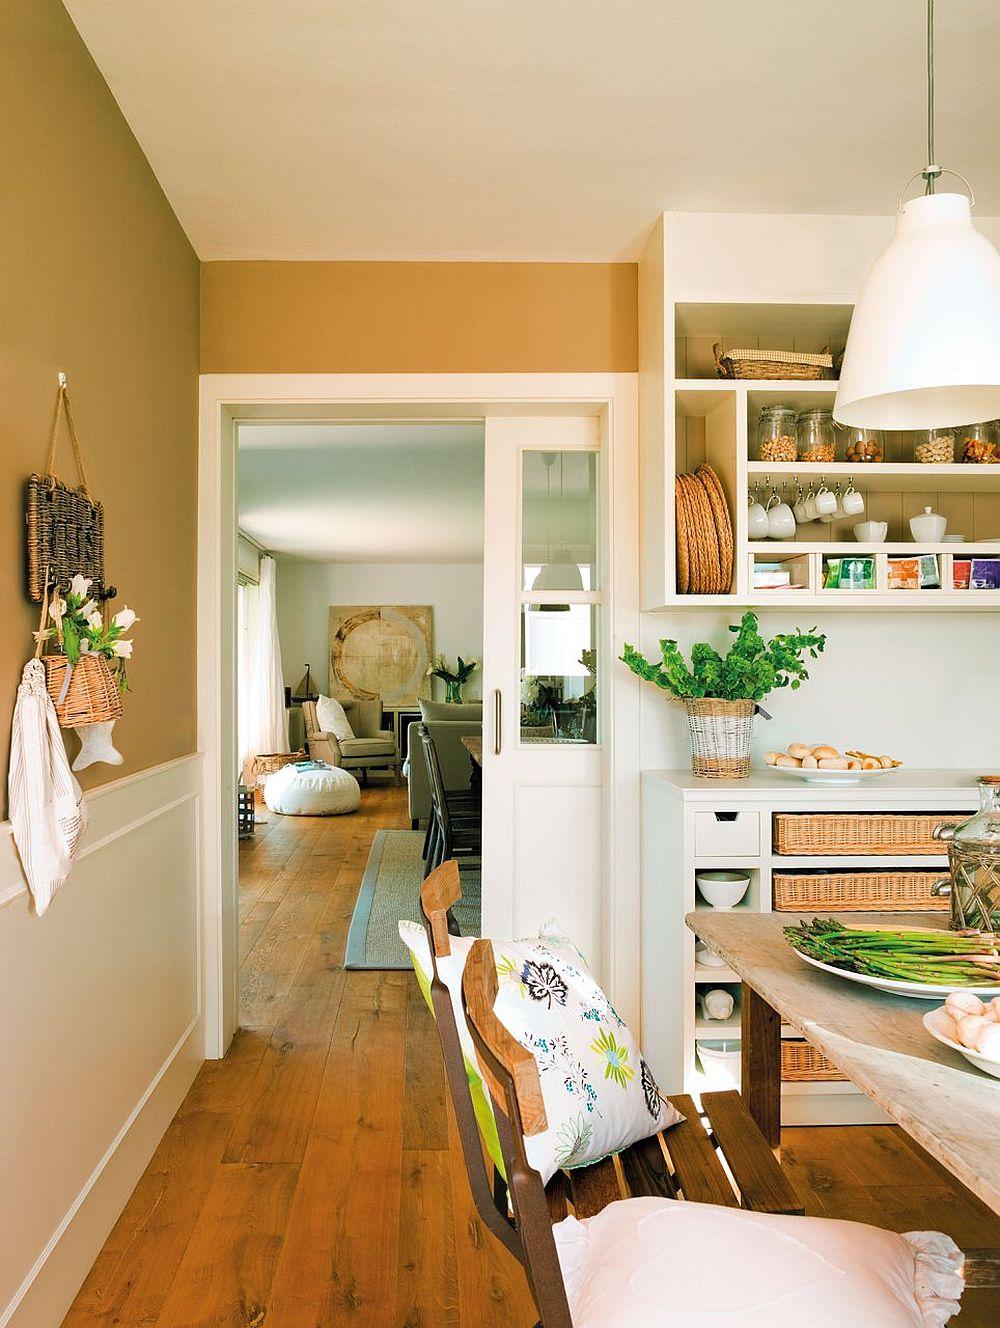 Din bucătărie se accede mai departe înspre living, separarea făcându-se prin intermediul unei uși interioare culisante. Peretele liber, din zona de circulație către grădină este protejat în partea inferioară cu lambriu, al cărui desen este în concordanță cu cel al mobilierului bucătăriei. De remarcat faptul că pardoseala din lemn este aceeași și este se continuă frumos mai departe către living.